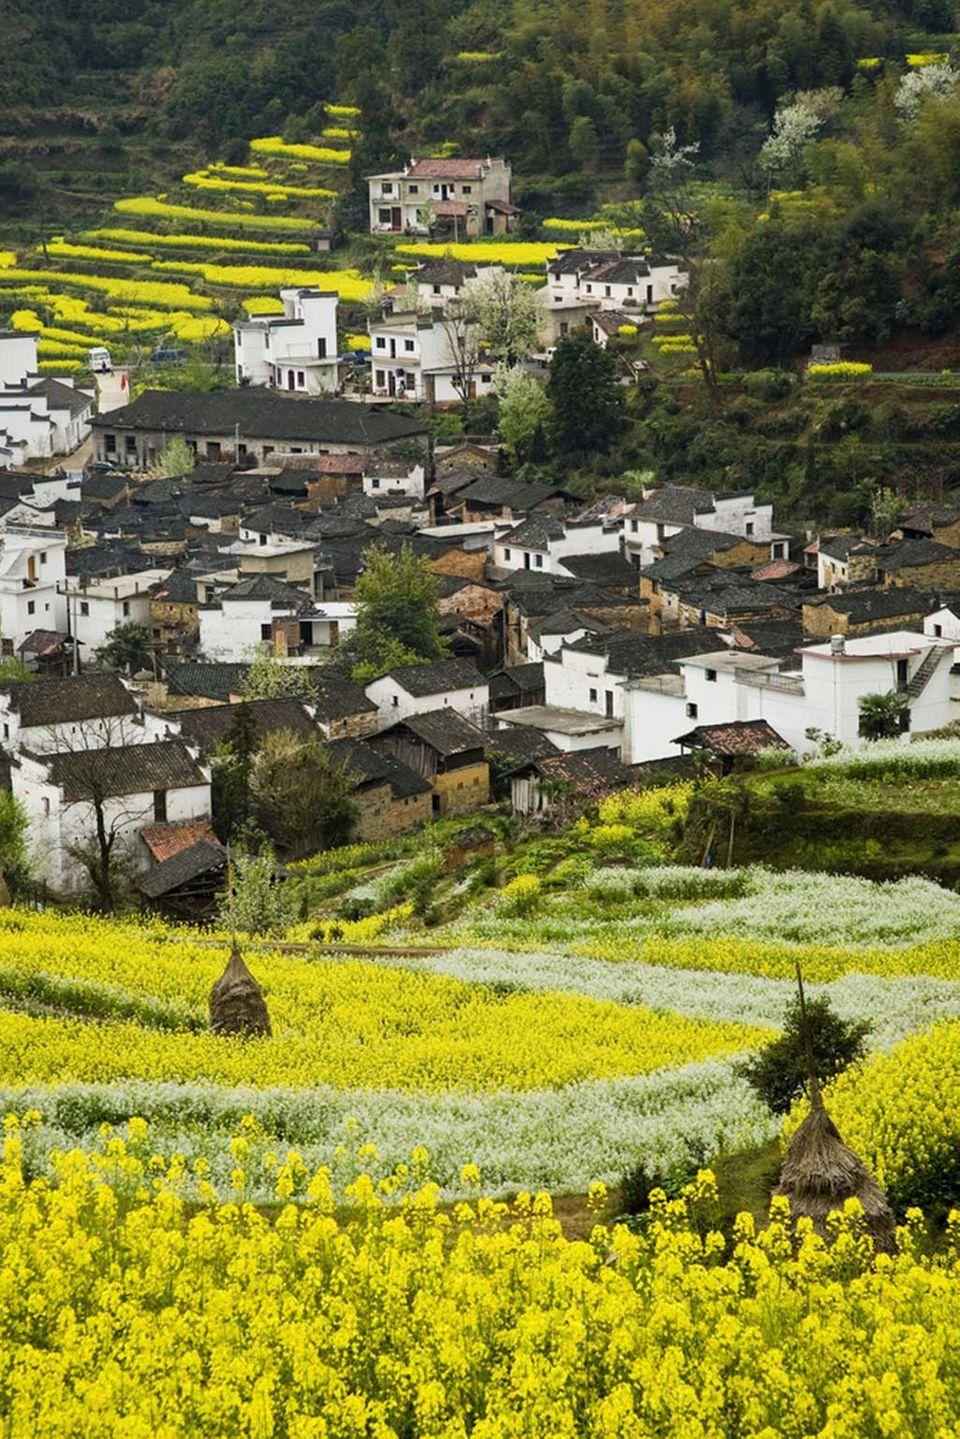 Dorf in der Provinz Anhui